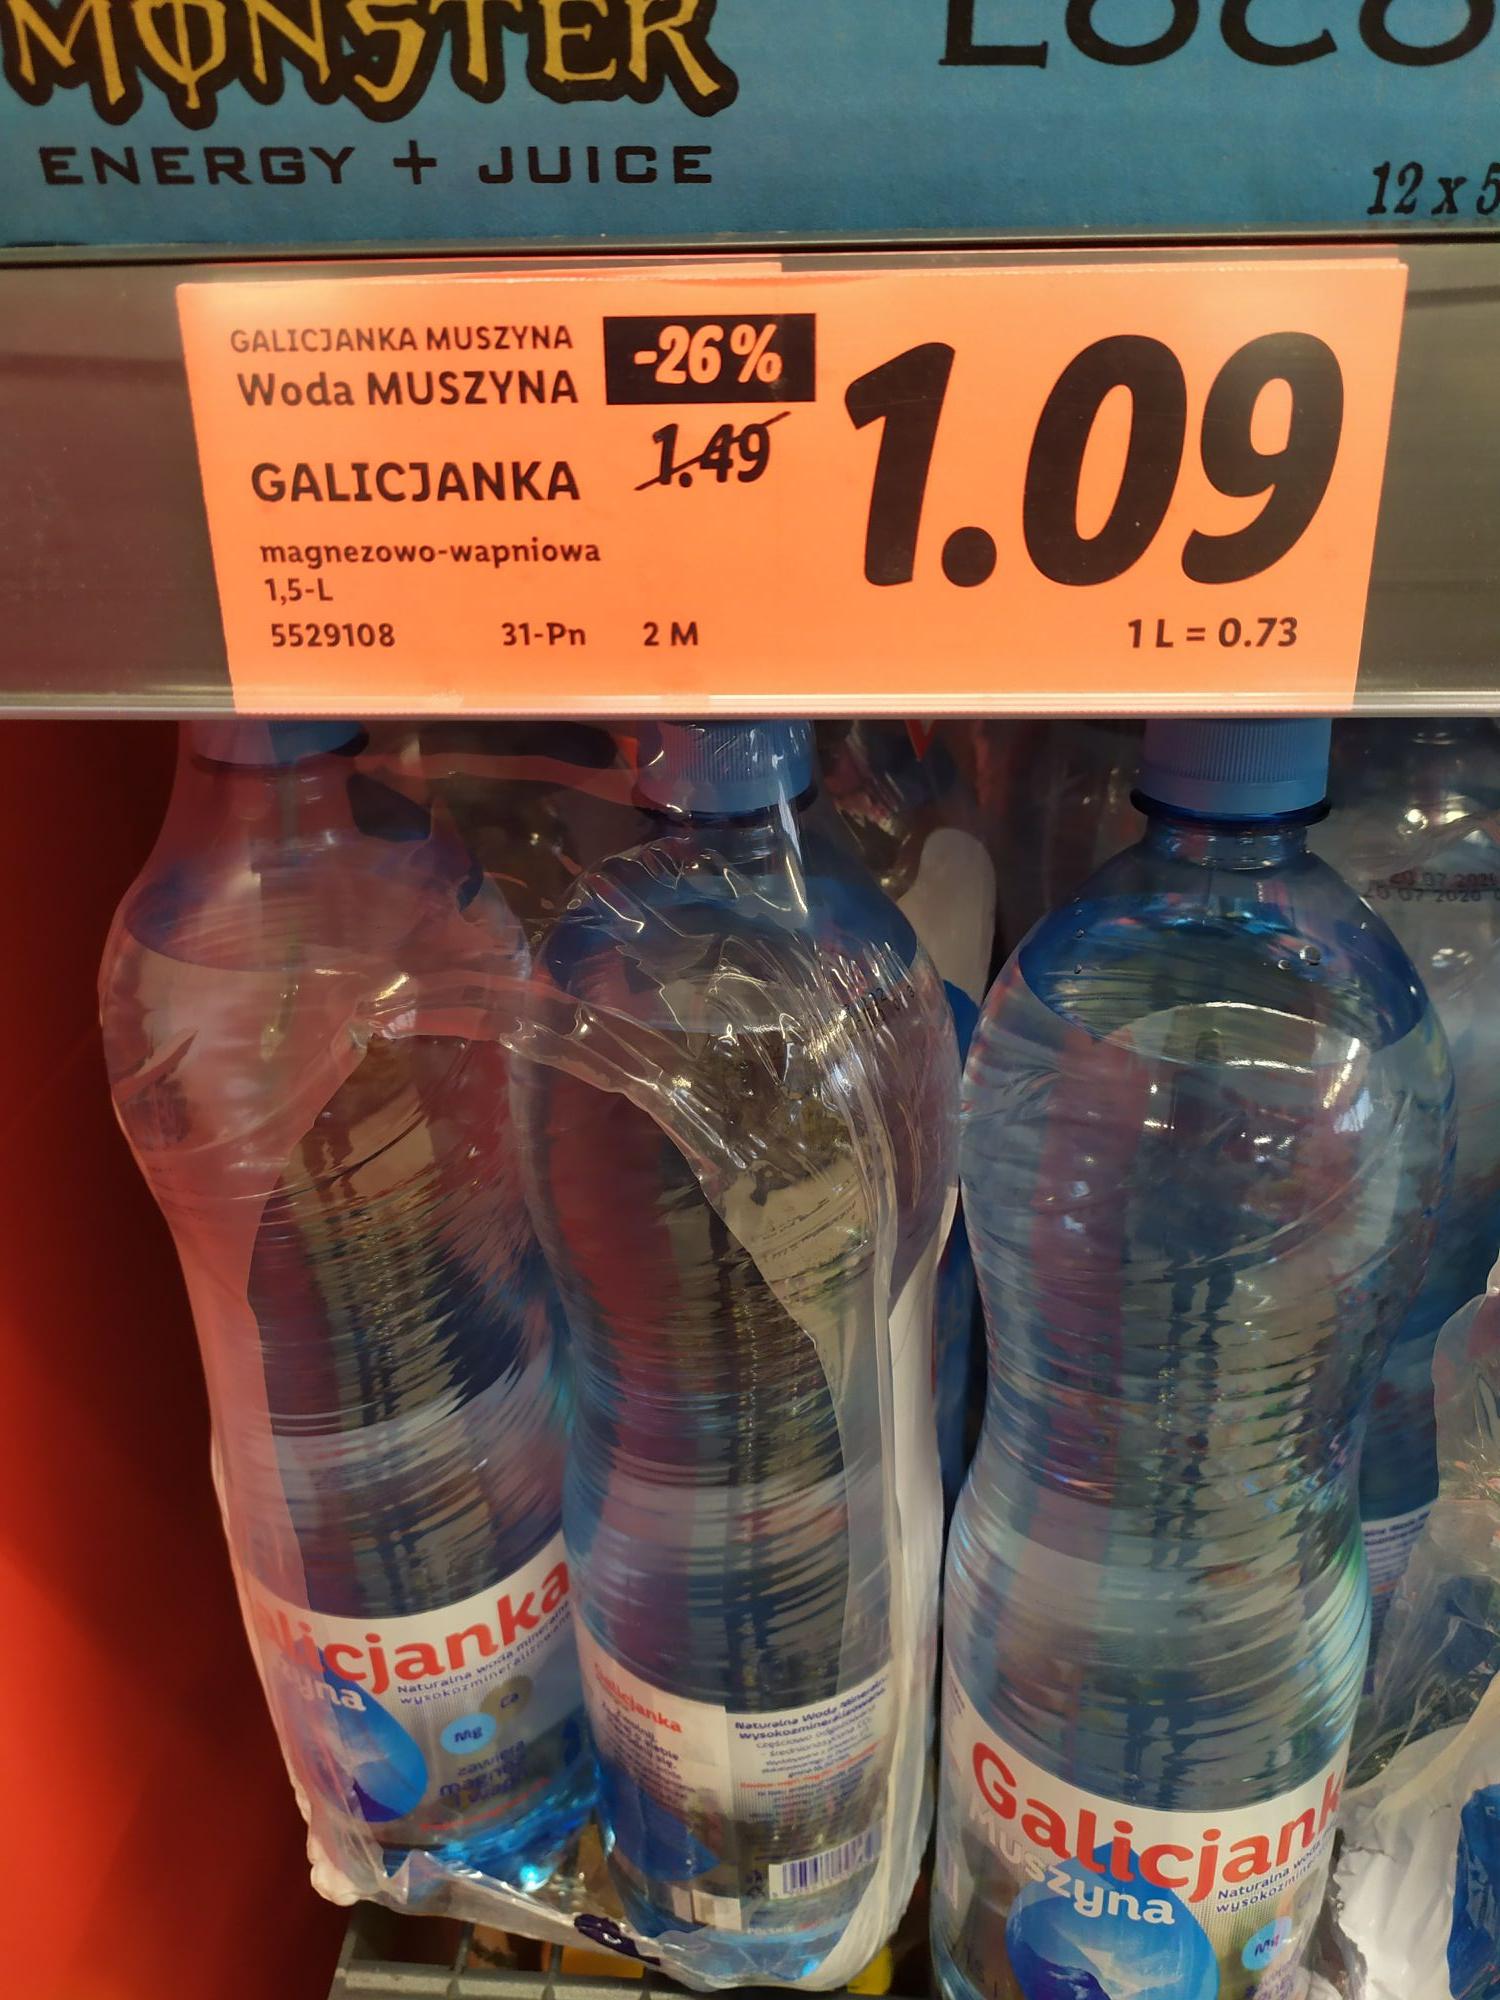 LIDL Woda Muszyna GALICJANKA 1,5 L magnezowo-wapniowa